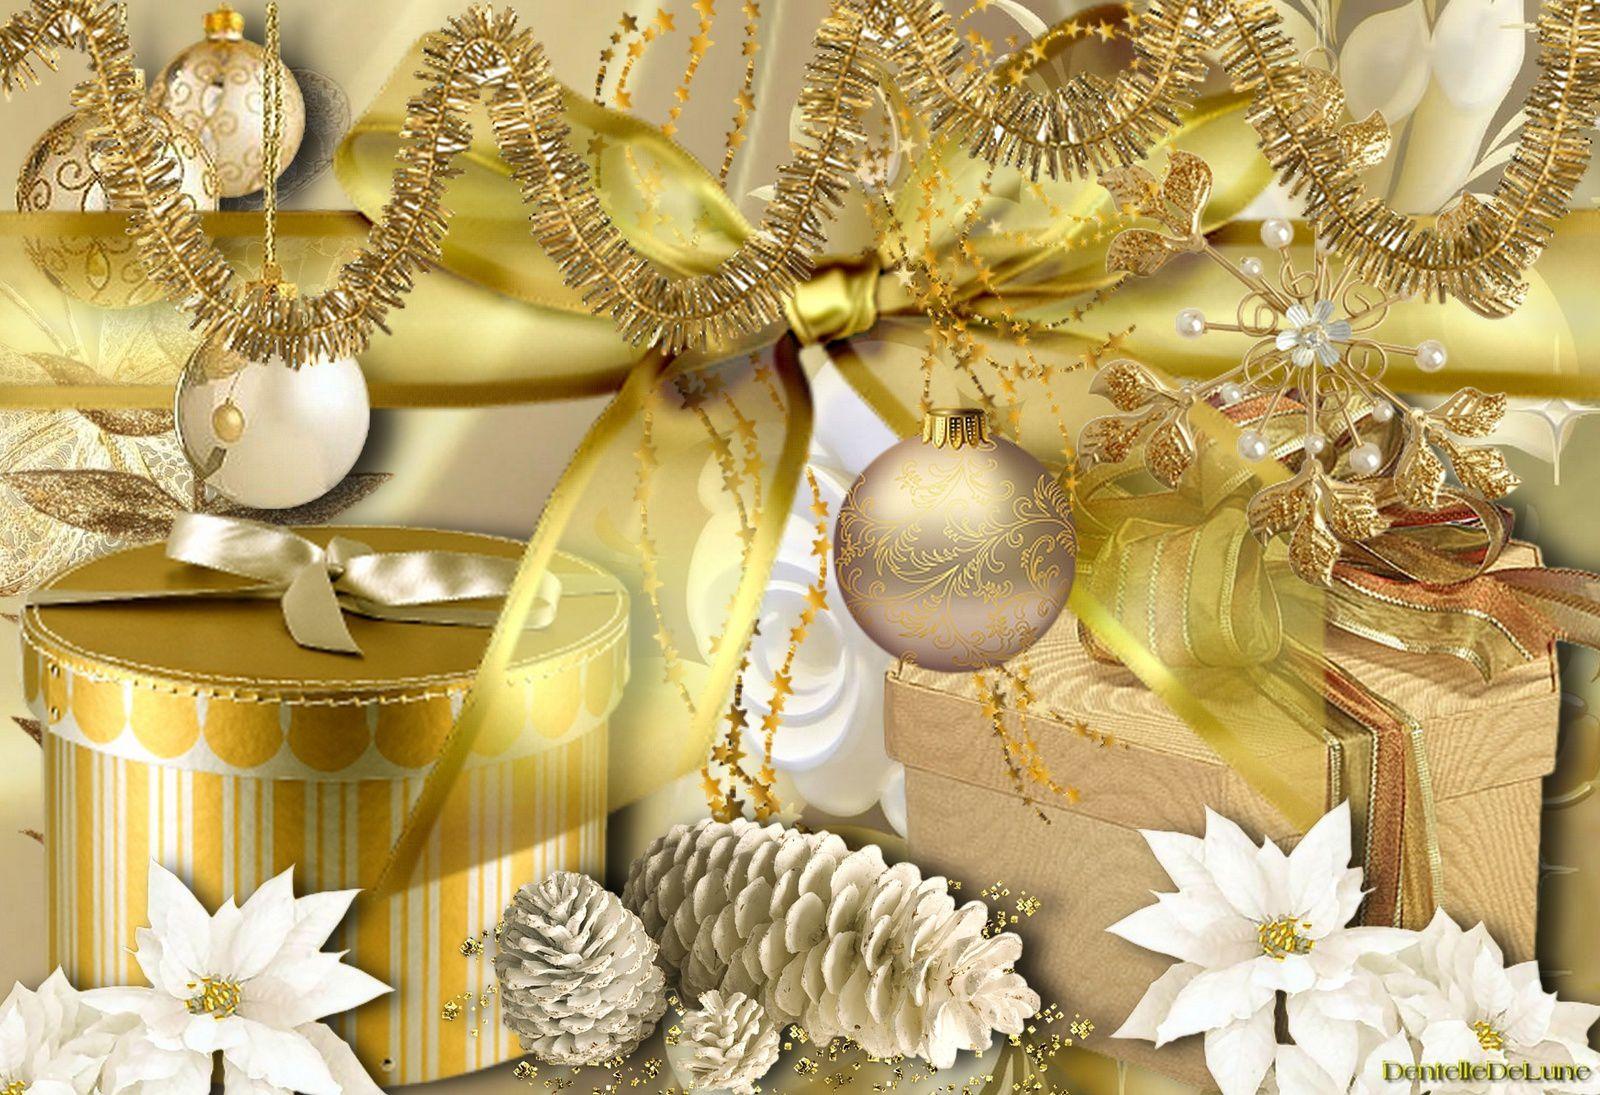 fond-d'écran-noël-fêtes-décorations